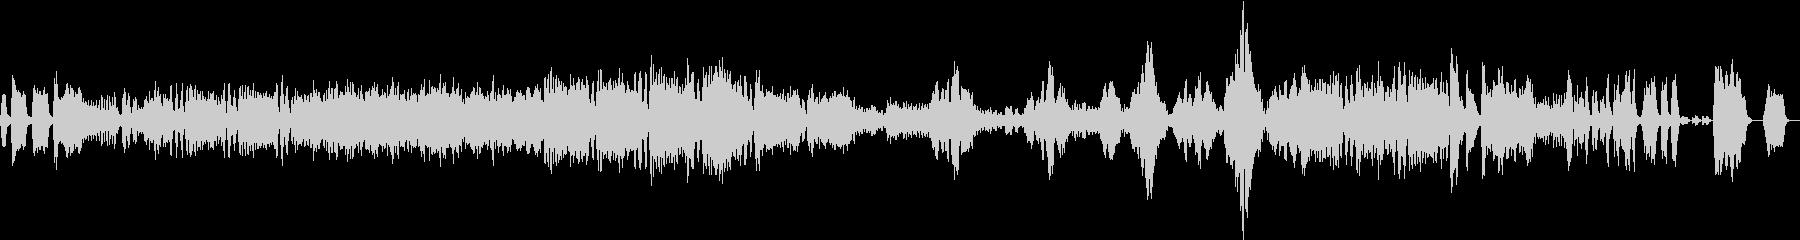 エクトル・ベルリオーズのカバーの未再生の波形